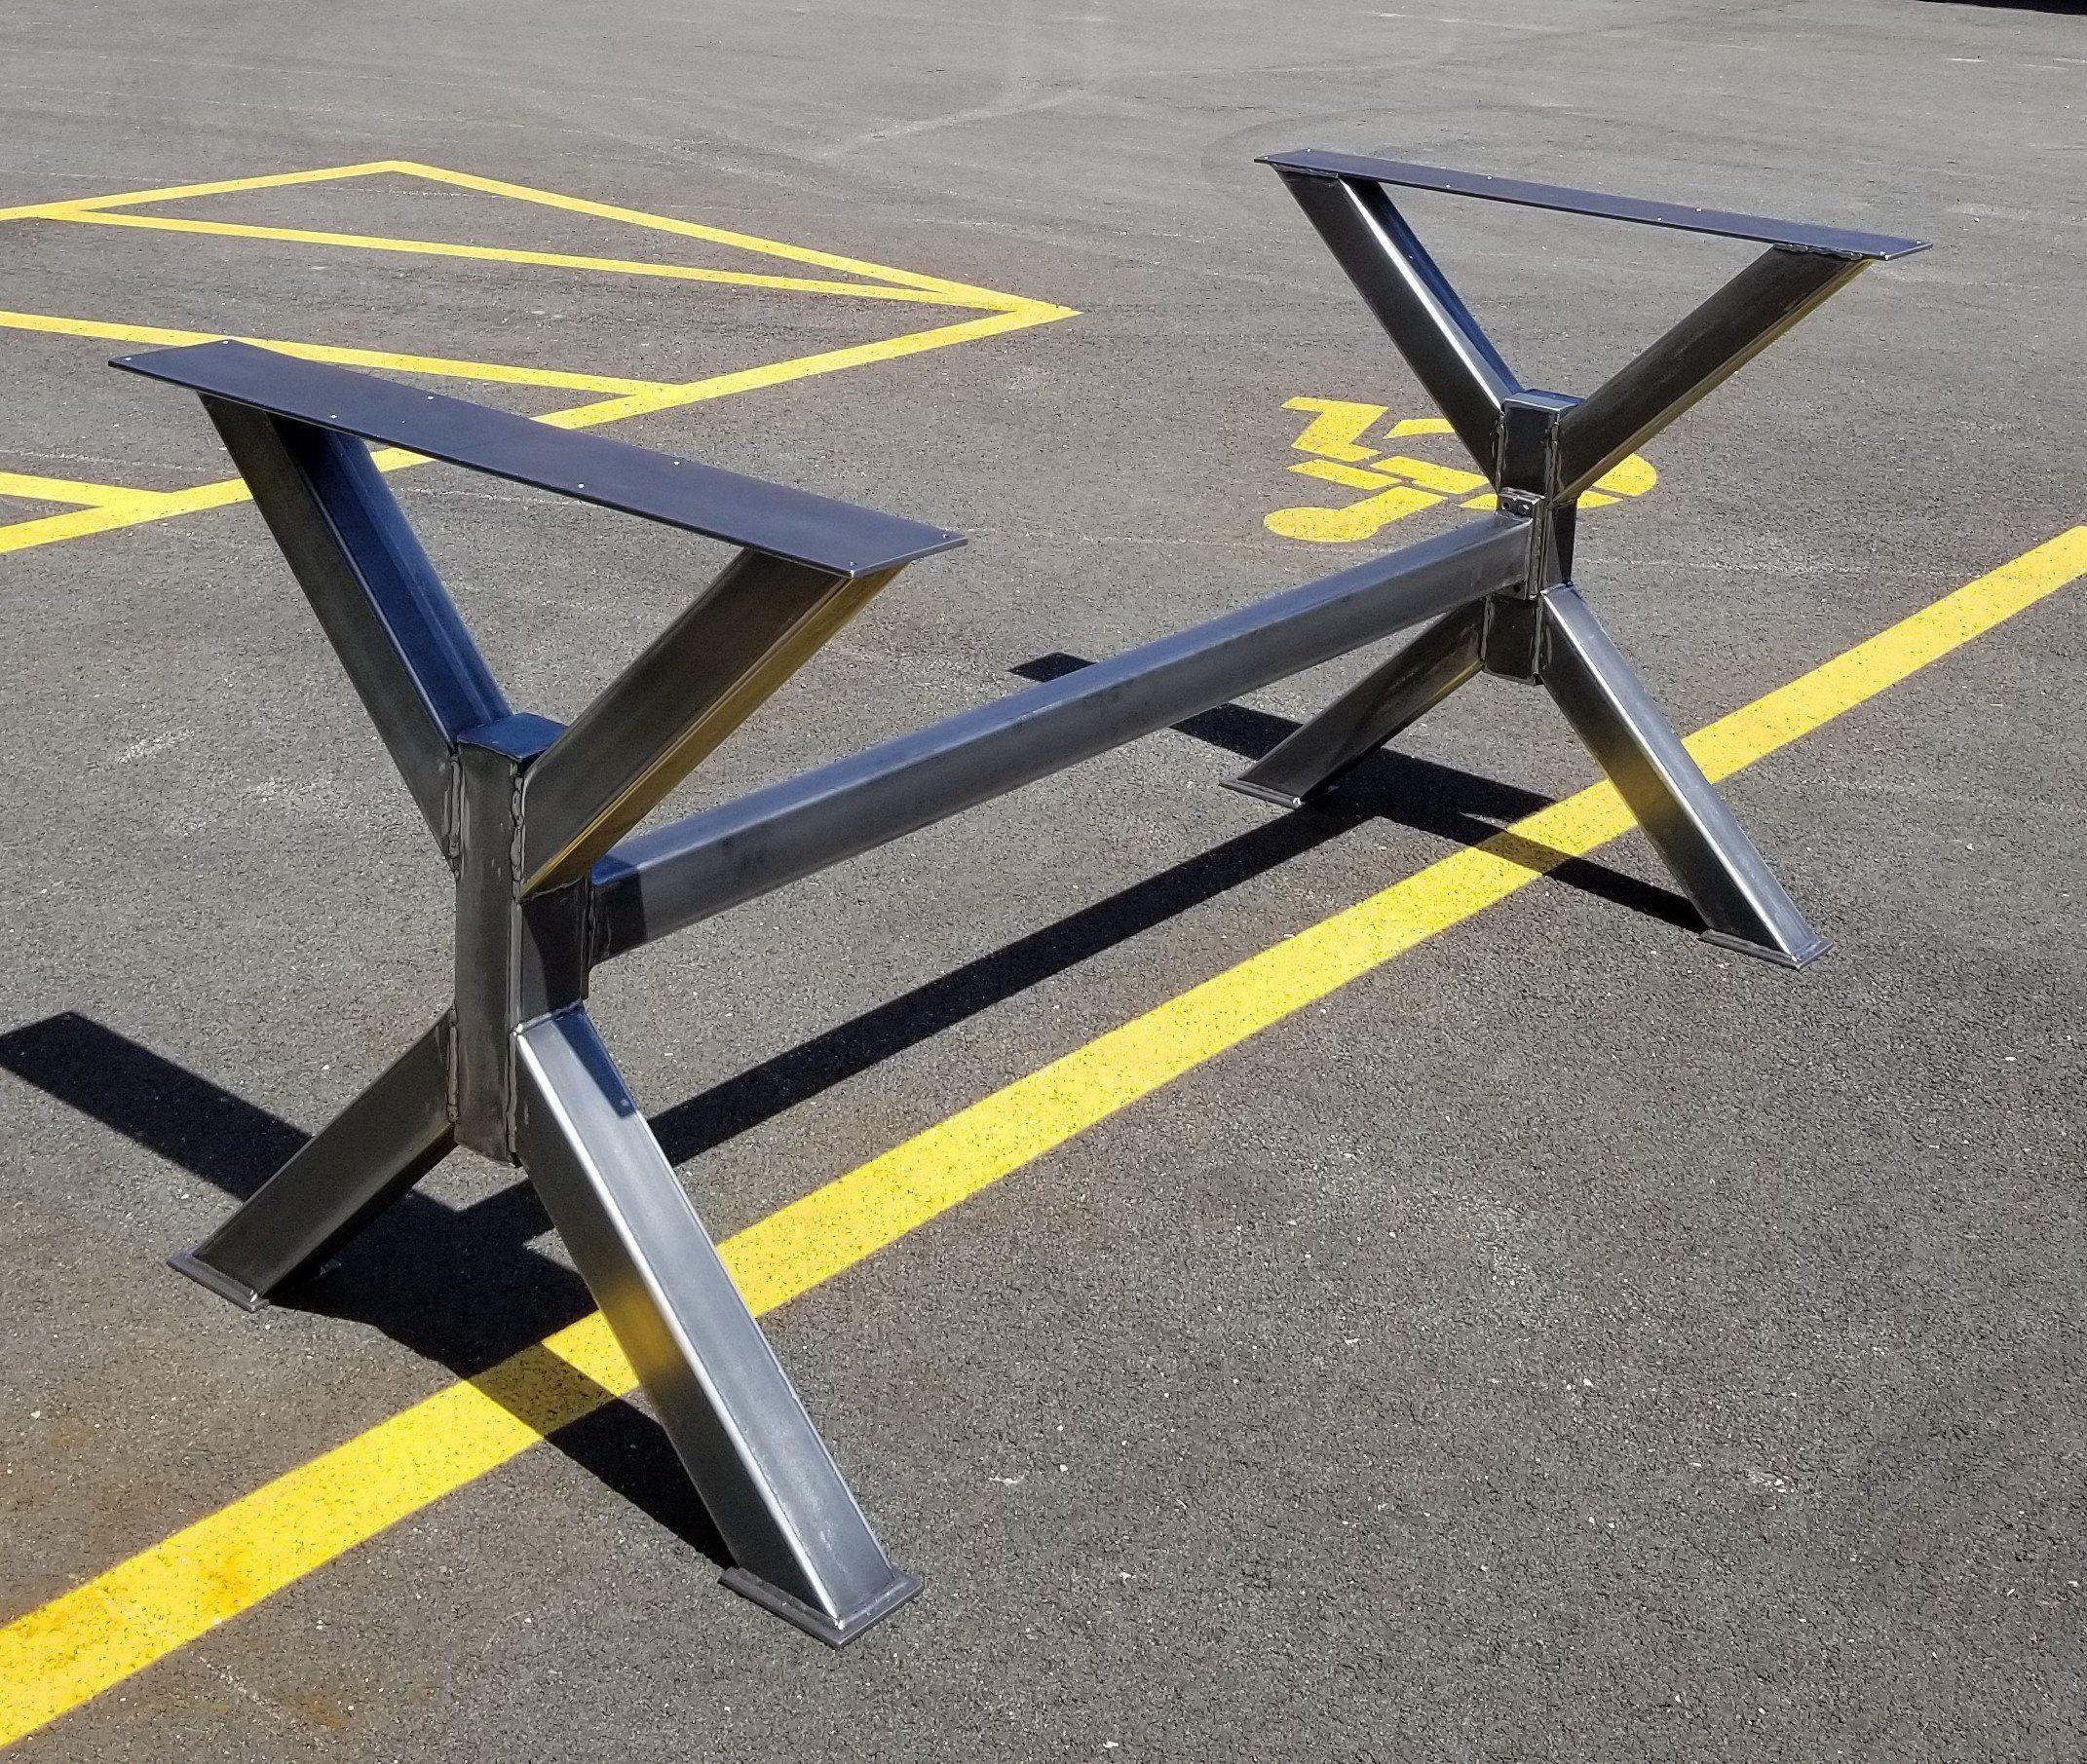 New Design Trestle Table Legs With 1 Brace Model Tr12nb1 Heavy Duty Sturdy Metal Legs Industrial Legs Dining Table Legs Trestle Table Legs Metal Table Legs